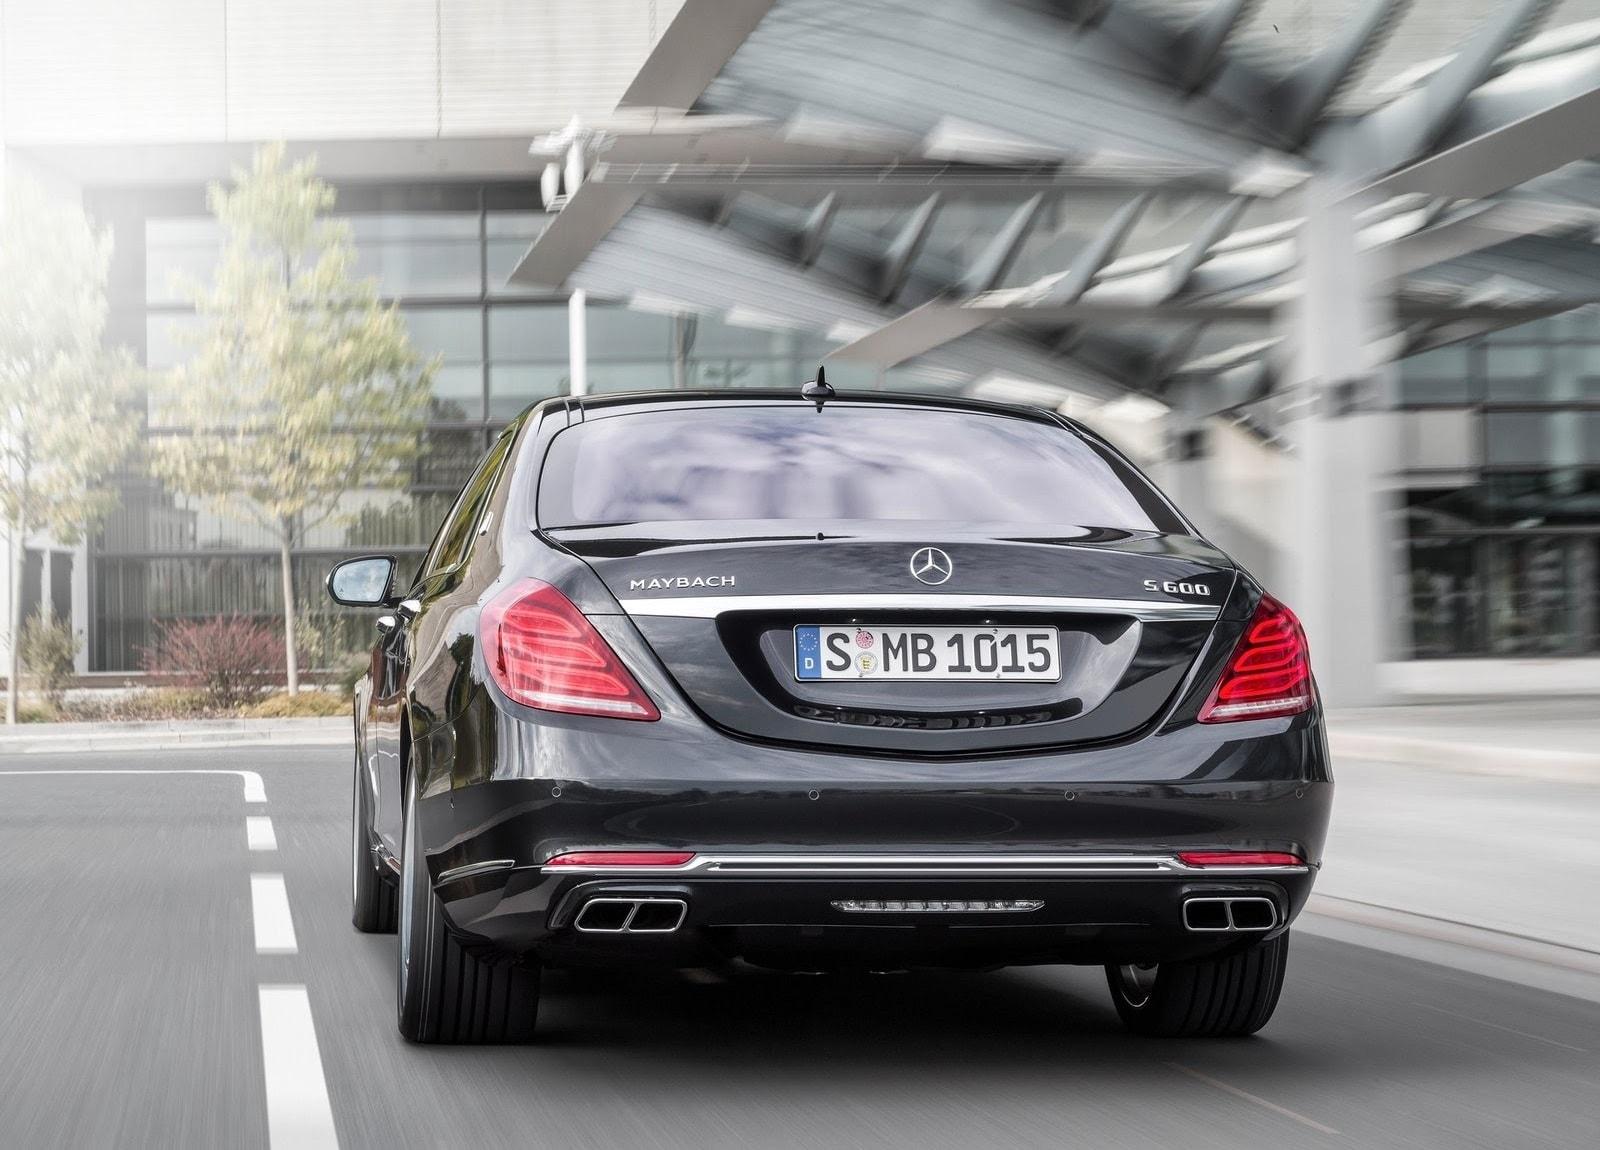 Mercedes-Maybach S-Class Widescreen for desktop